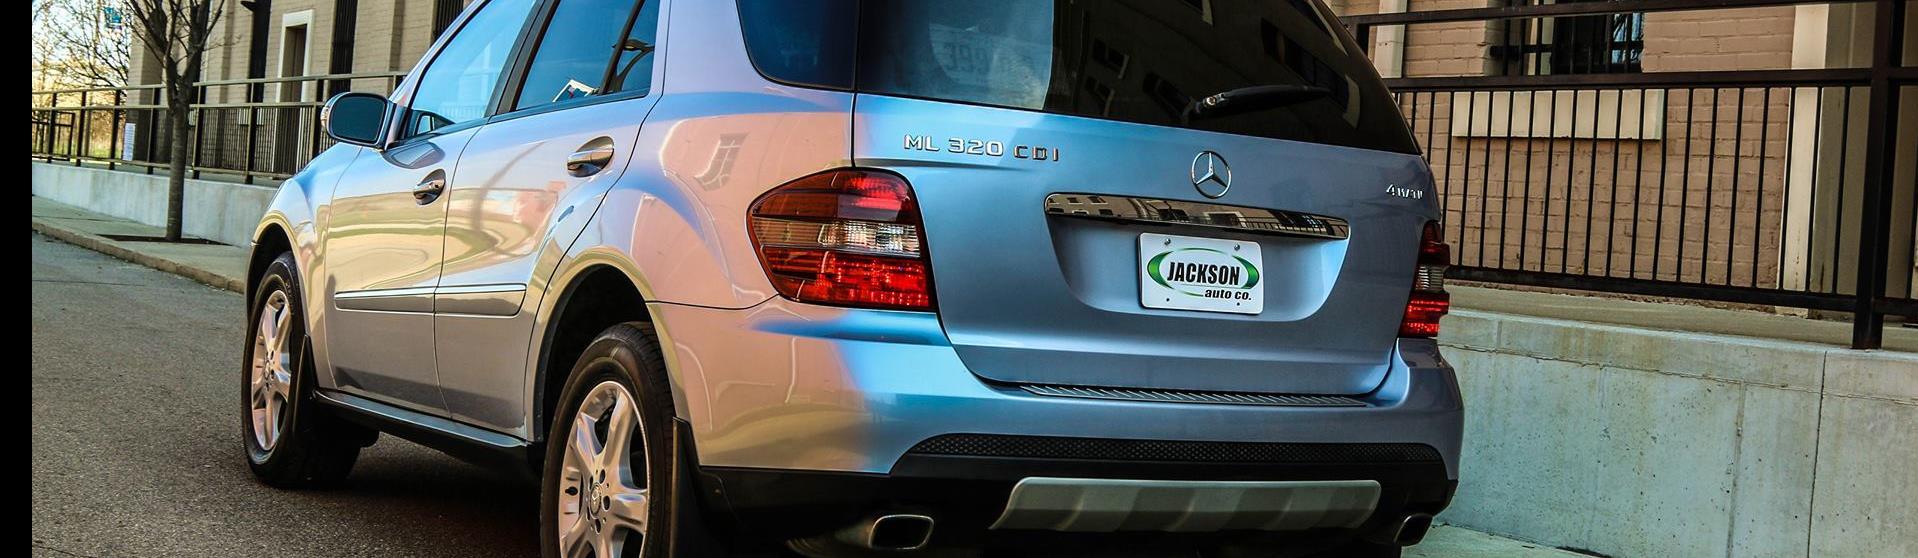 Used Cars Jackson MI | Used Cars & Trucks MI | Jackson Auto Co